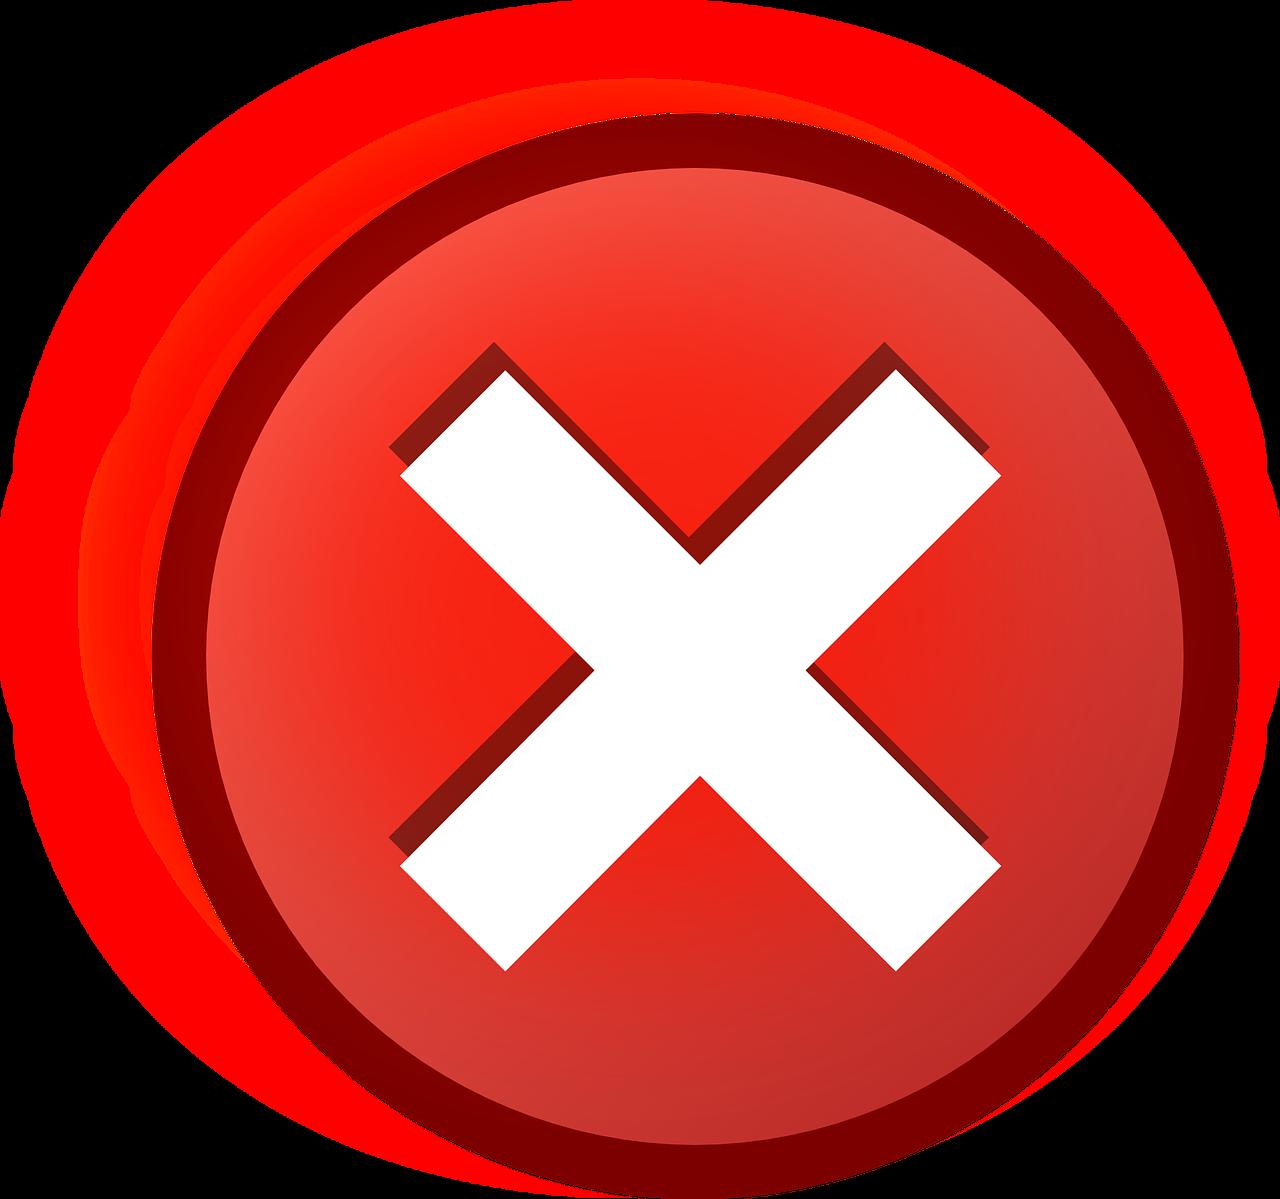 Computer Icons Button Check mark Cross.